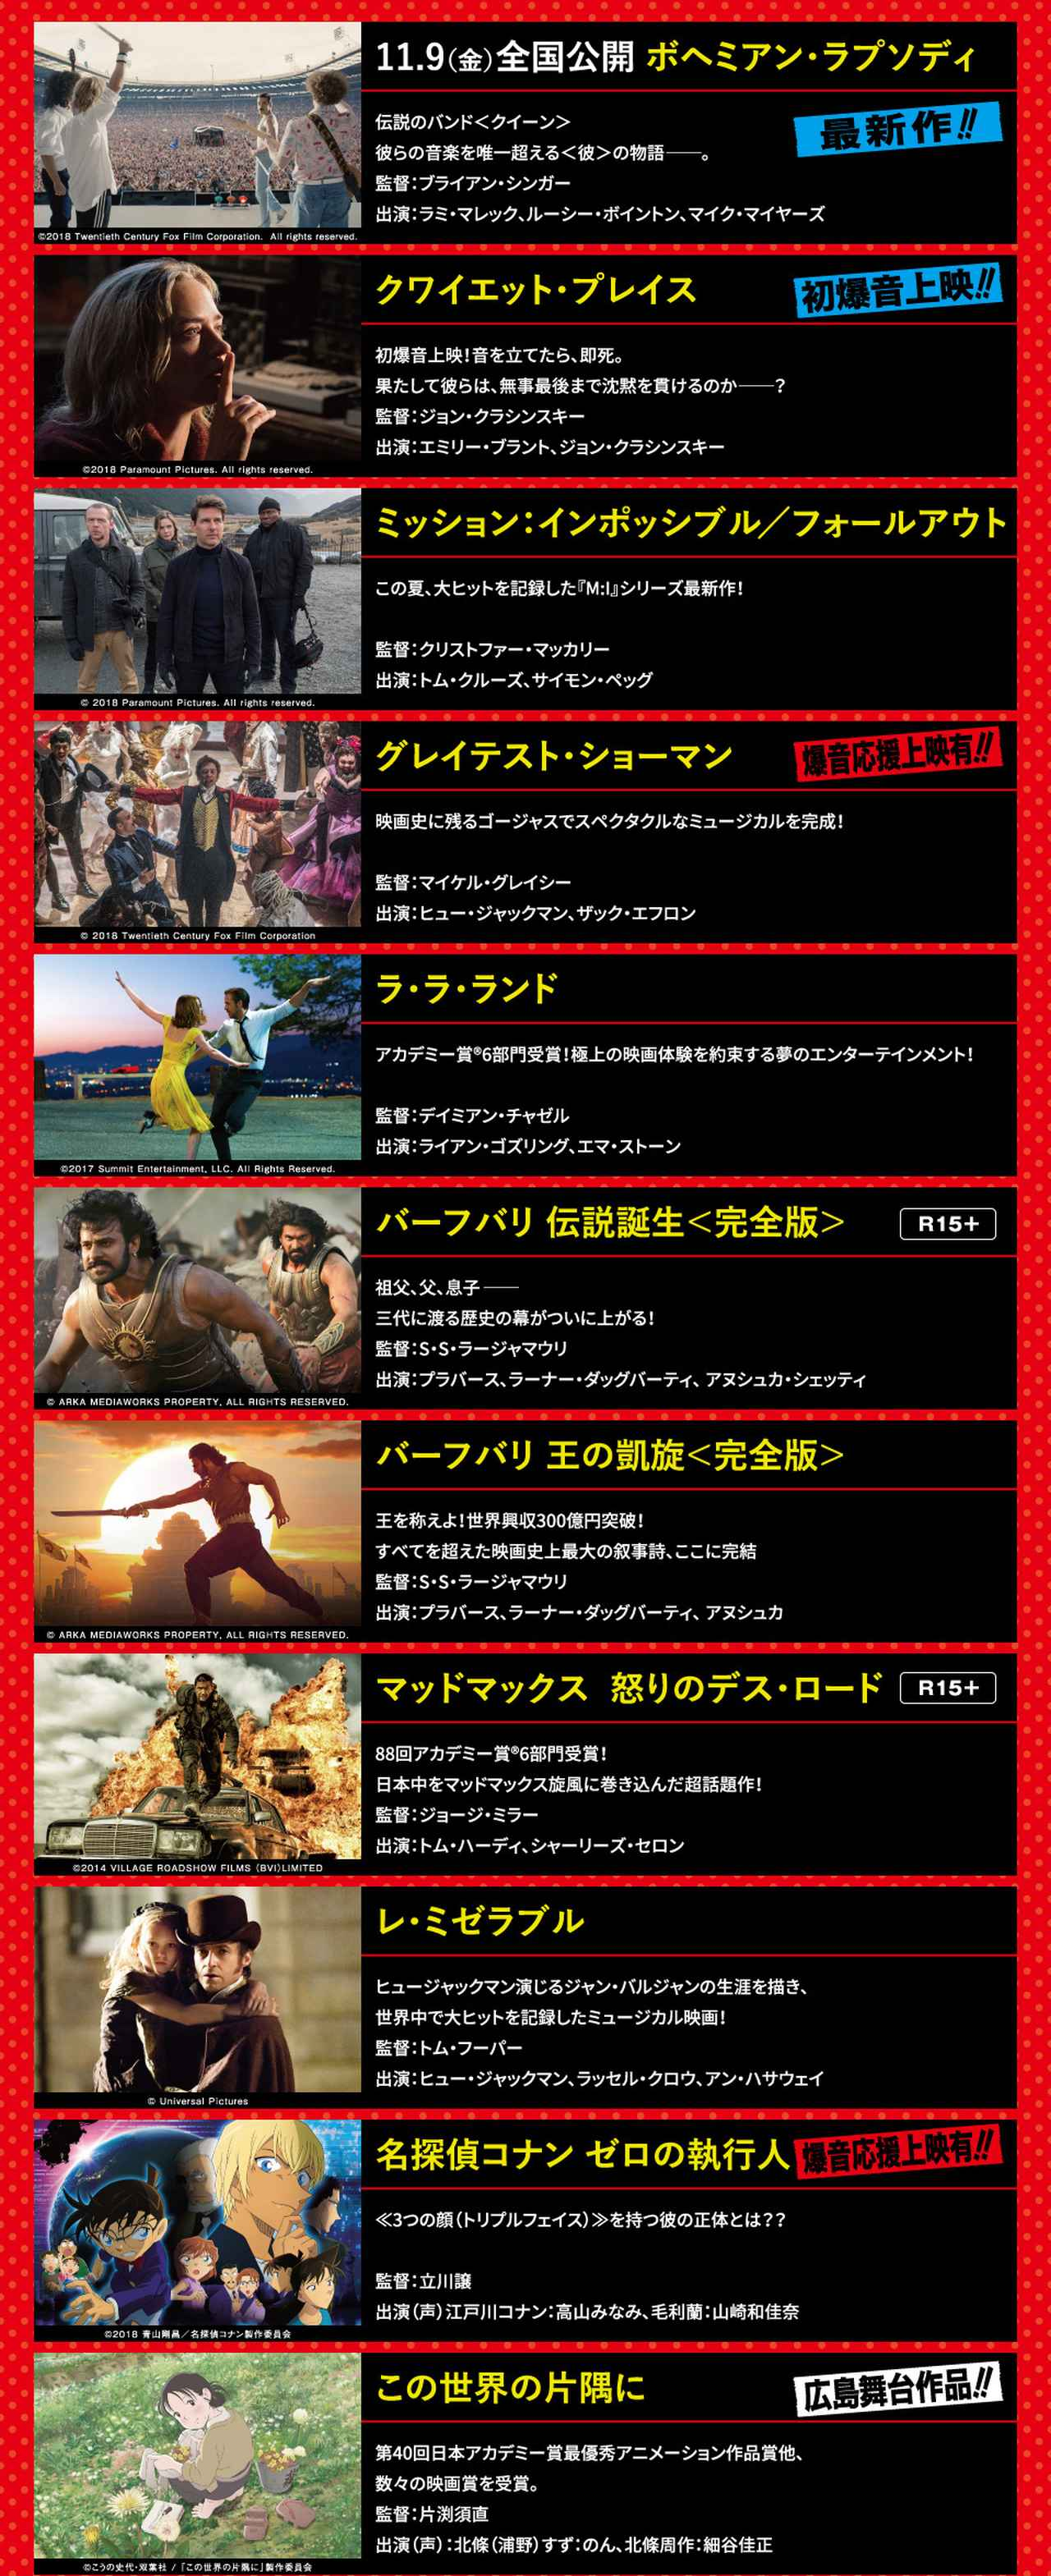 画像: 爆音映画祭 in 109シネマズ広島 | 109CINEMAS